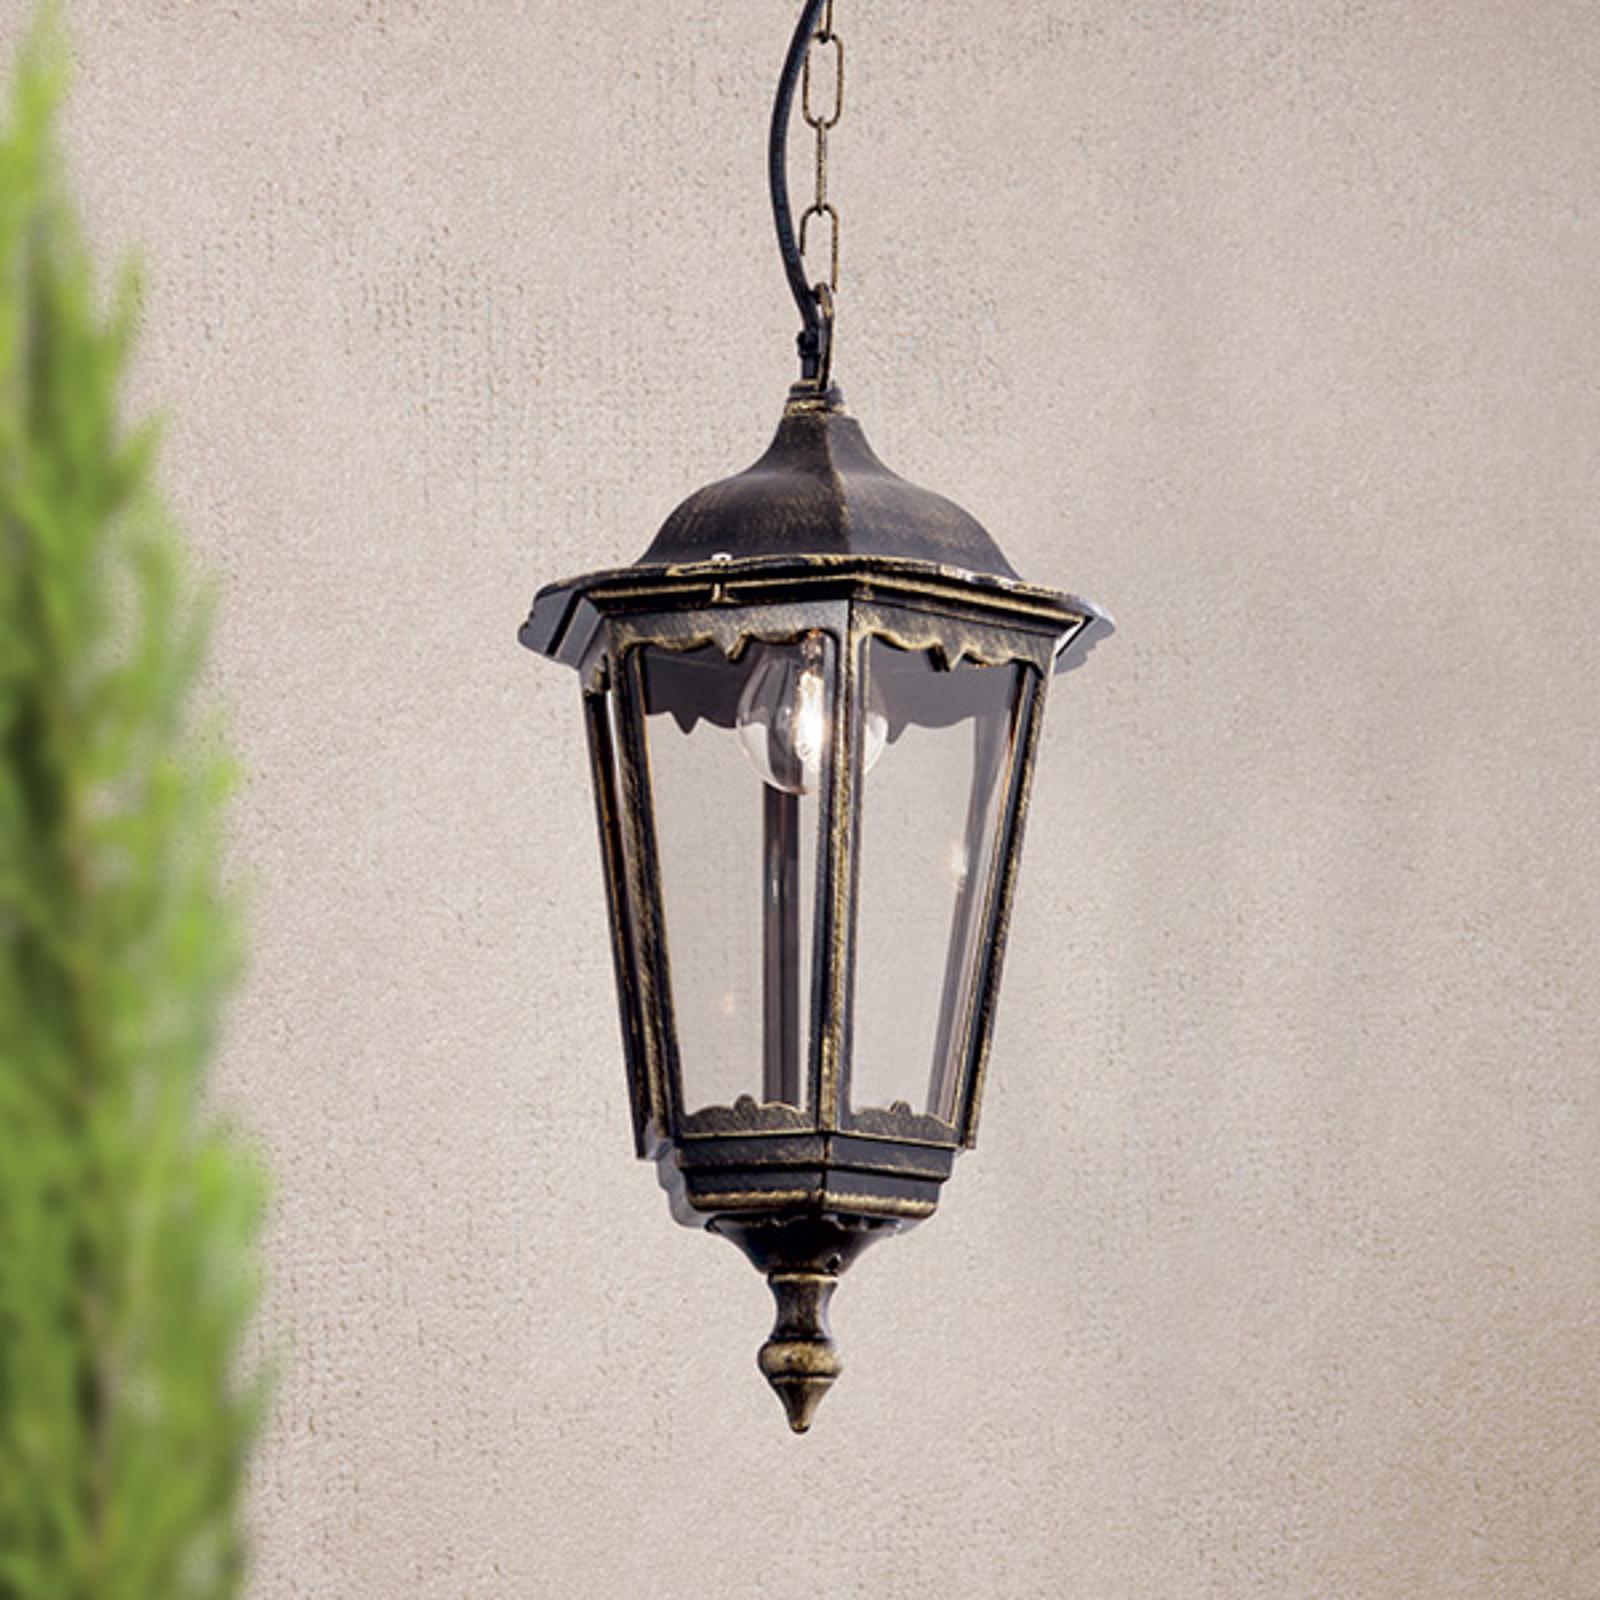 Lampa wisząca FABIO na zewnątrz